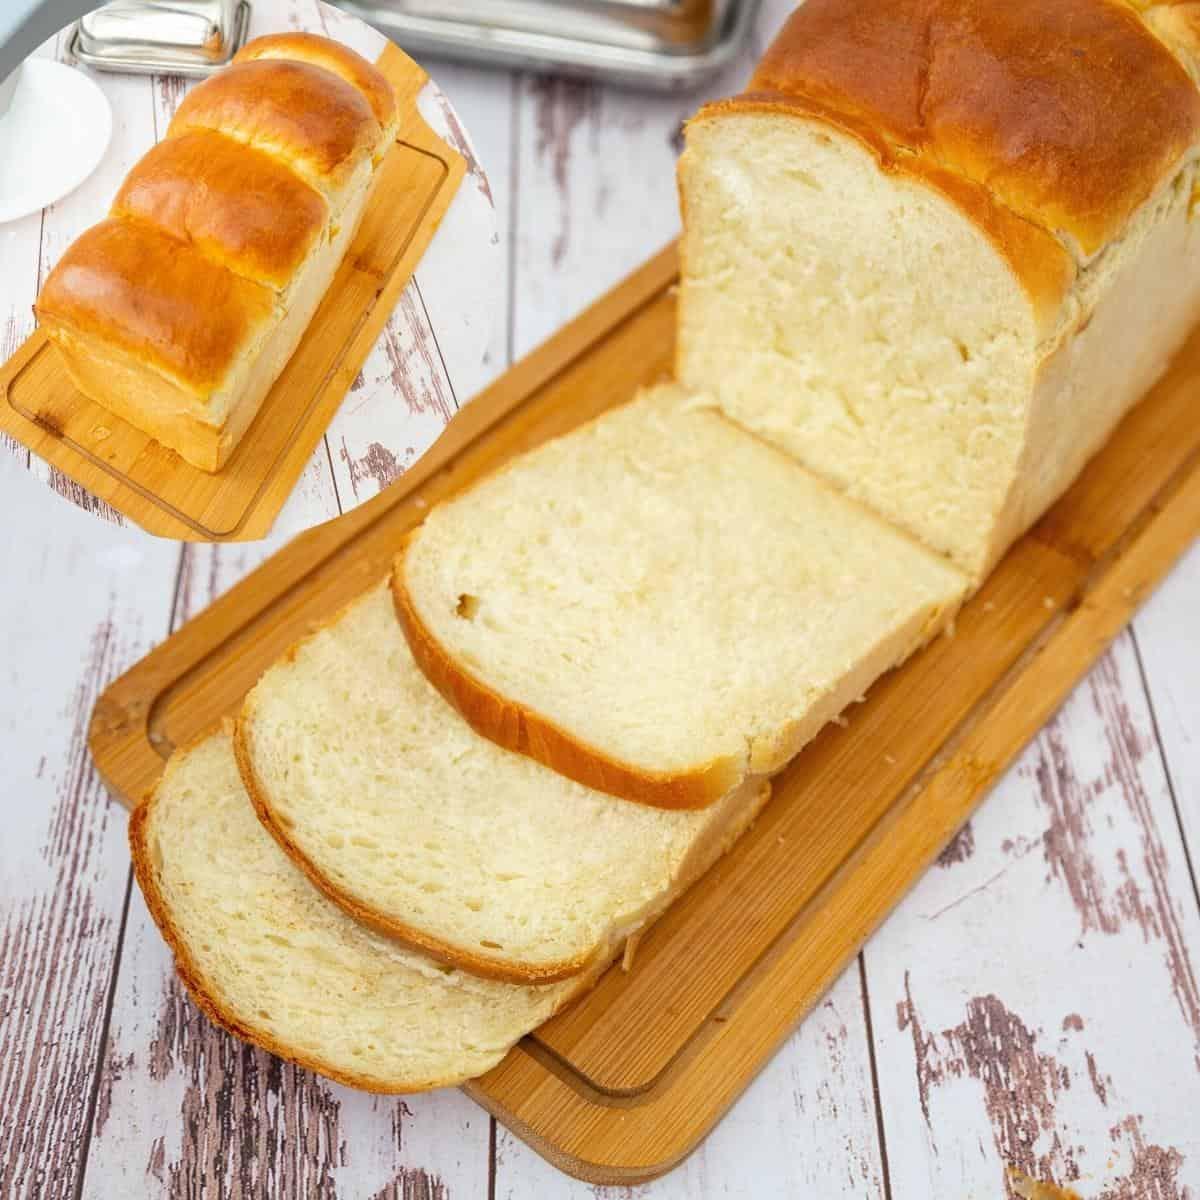 Japanese sandwich bread on a wooden board.